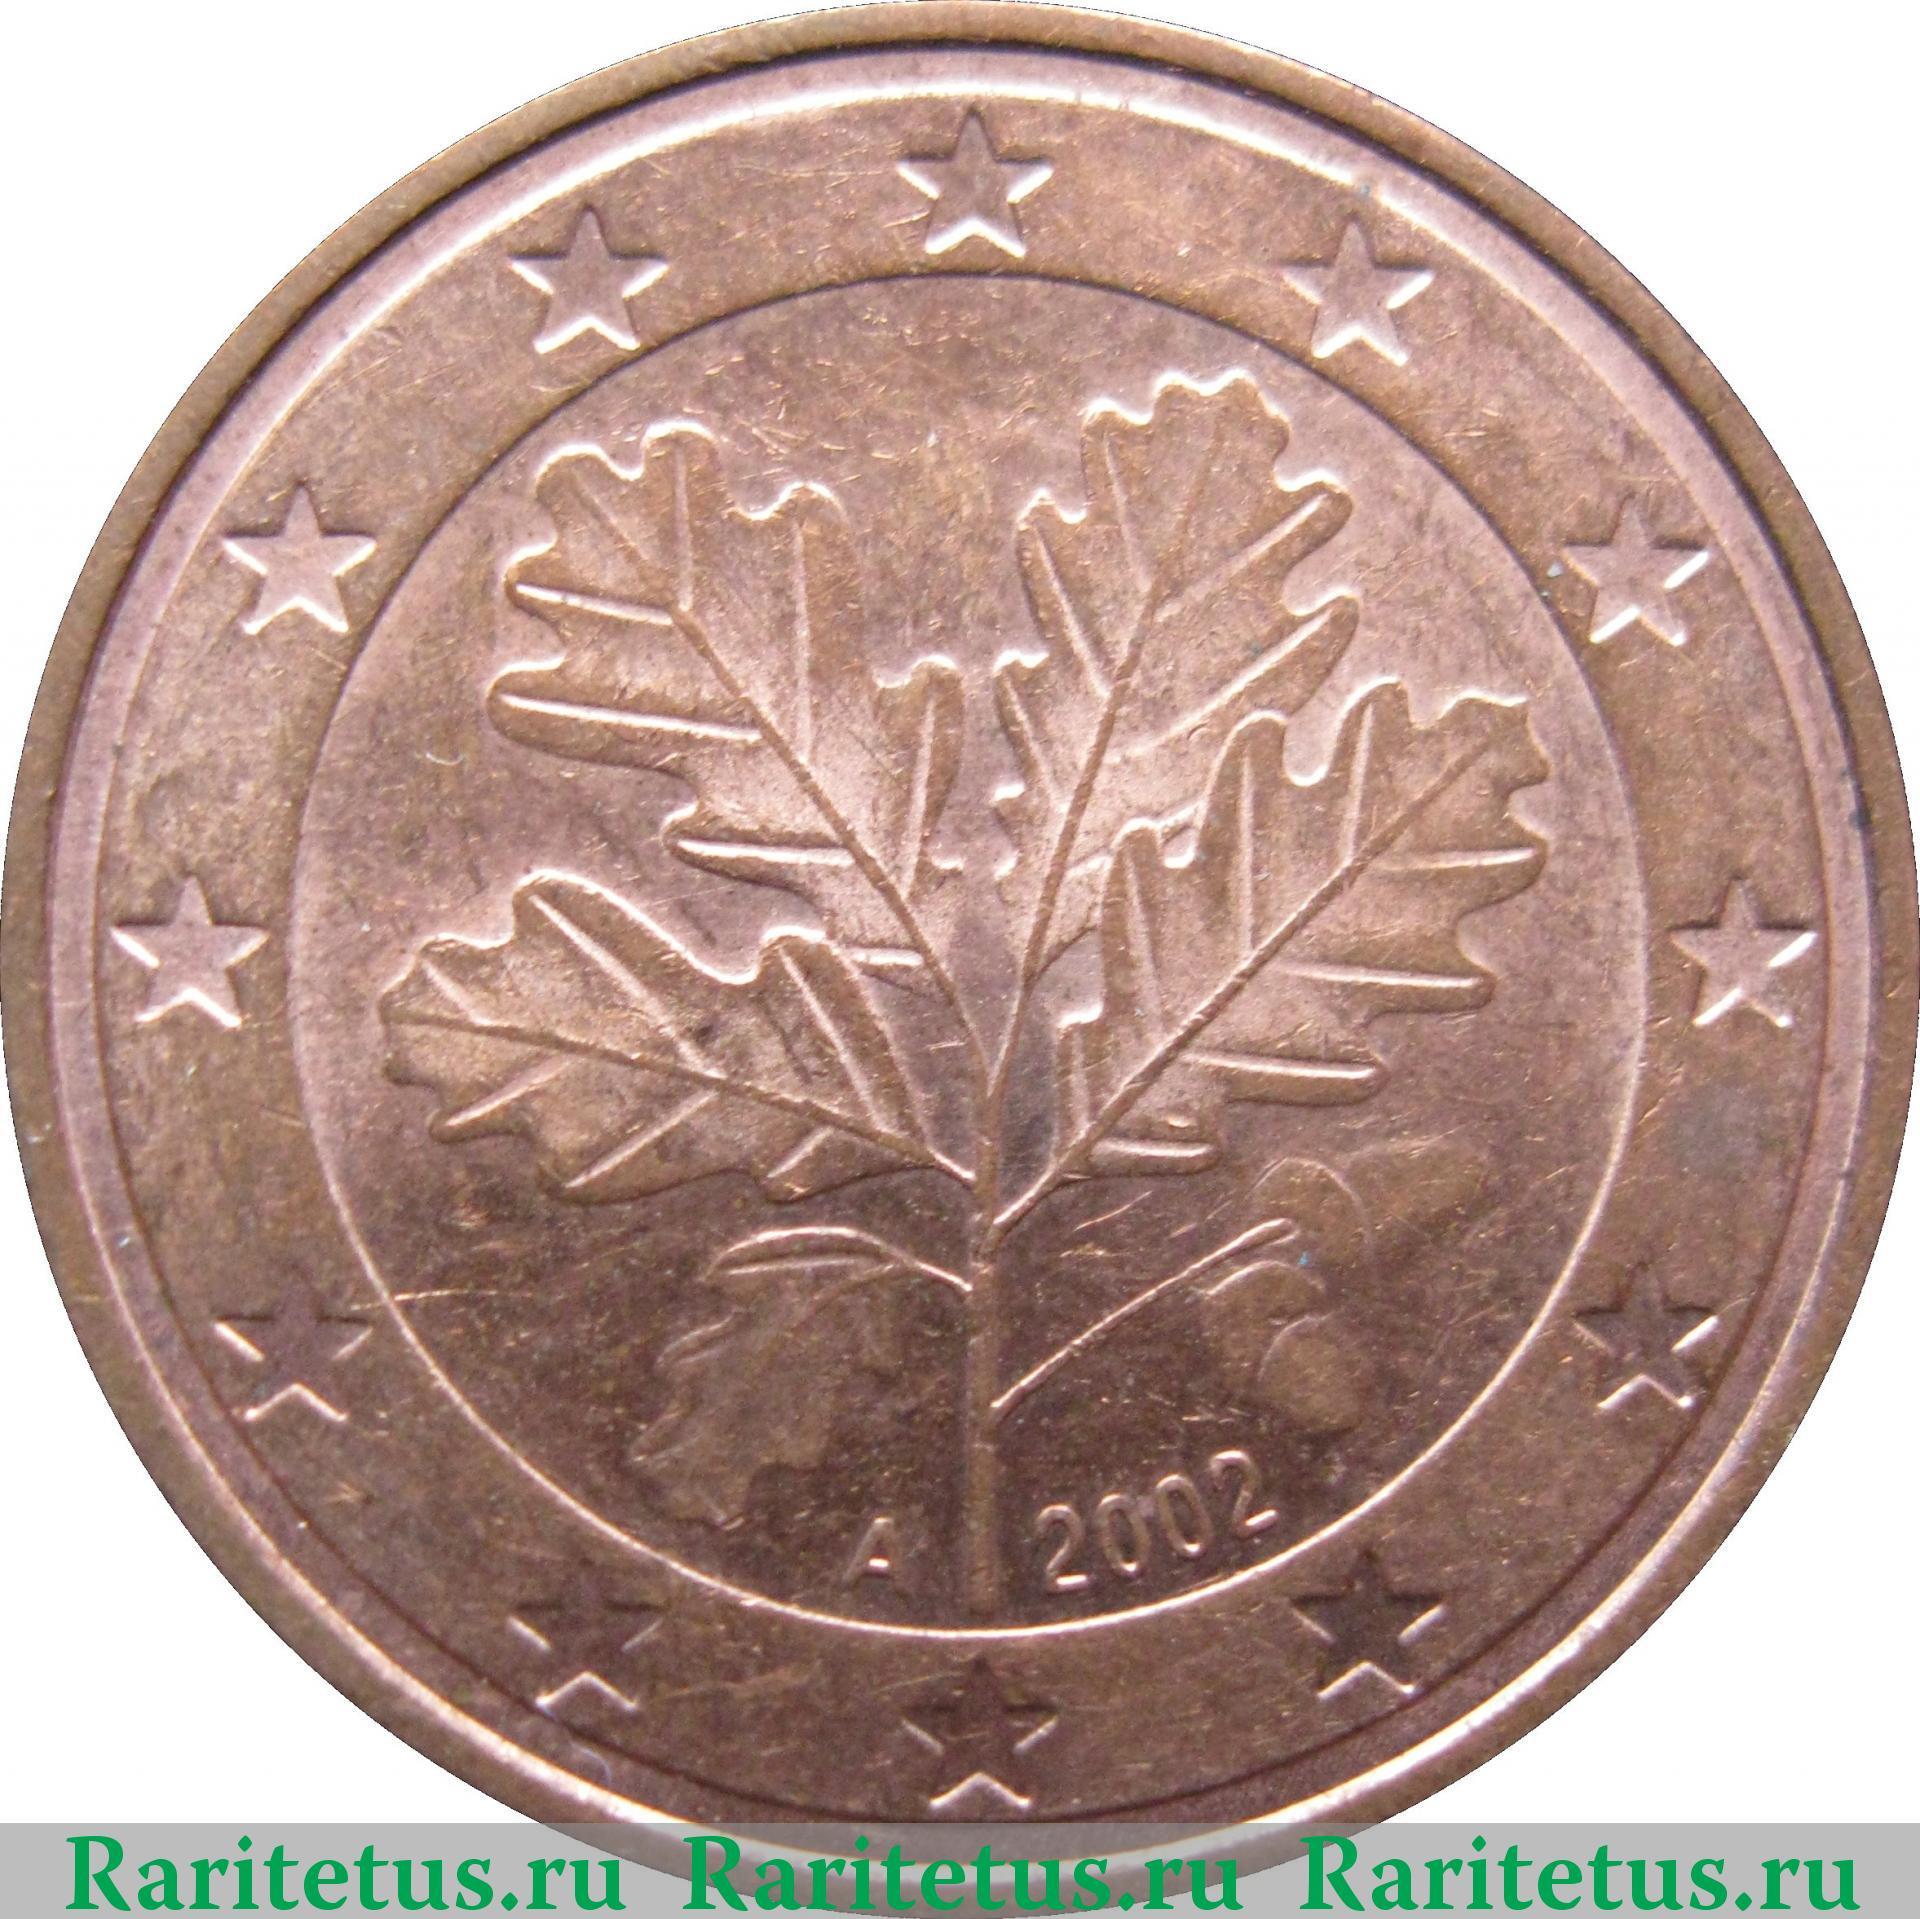 Стоимость монет евро 2002 2 злотых арктовский и добровольский